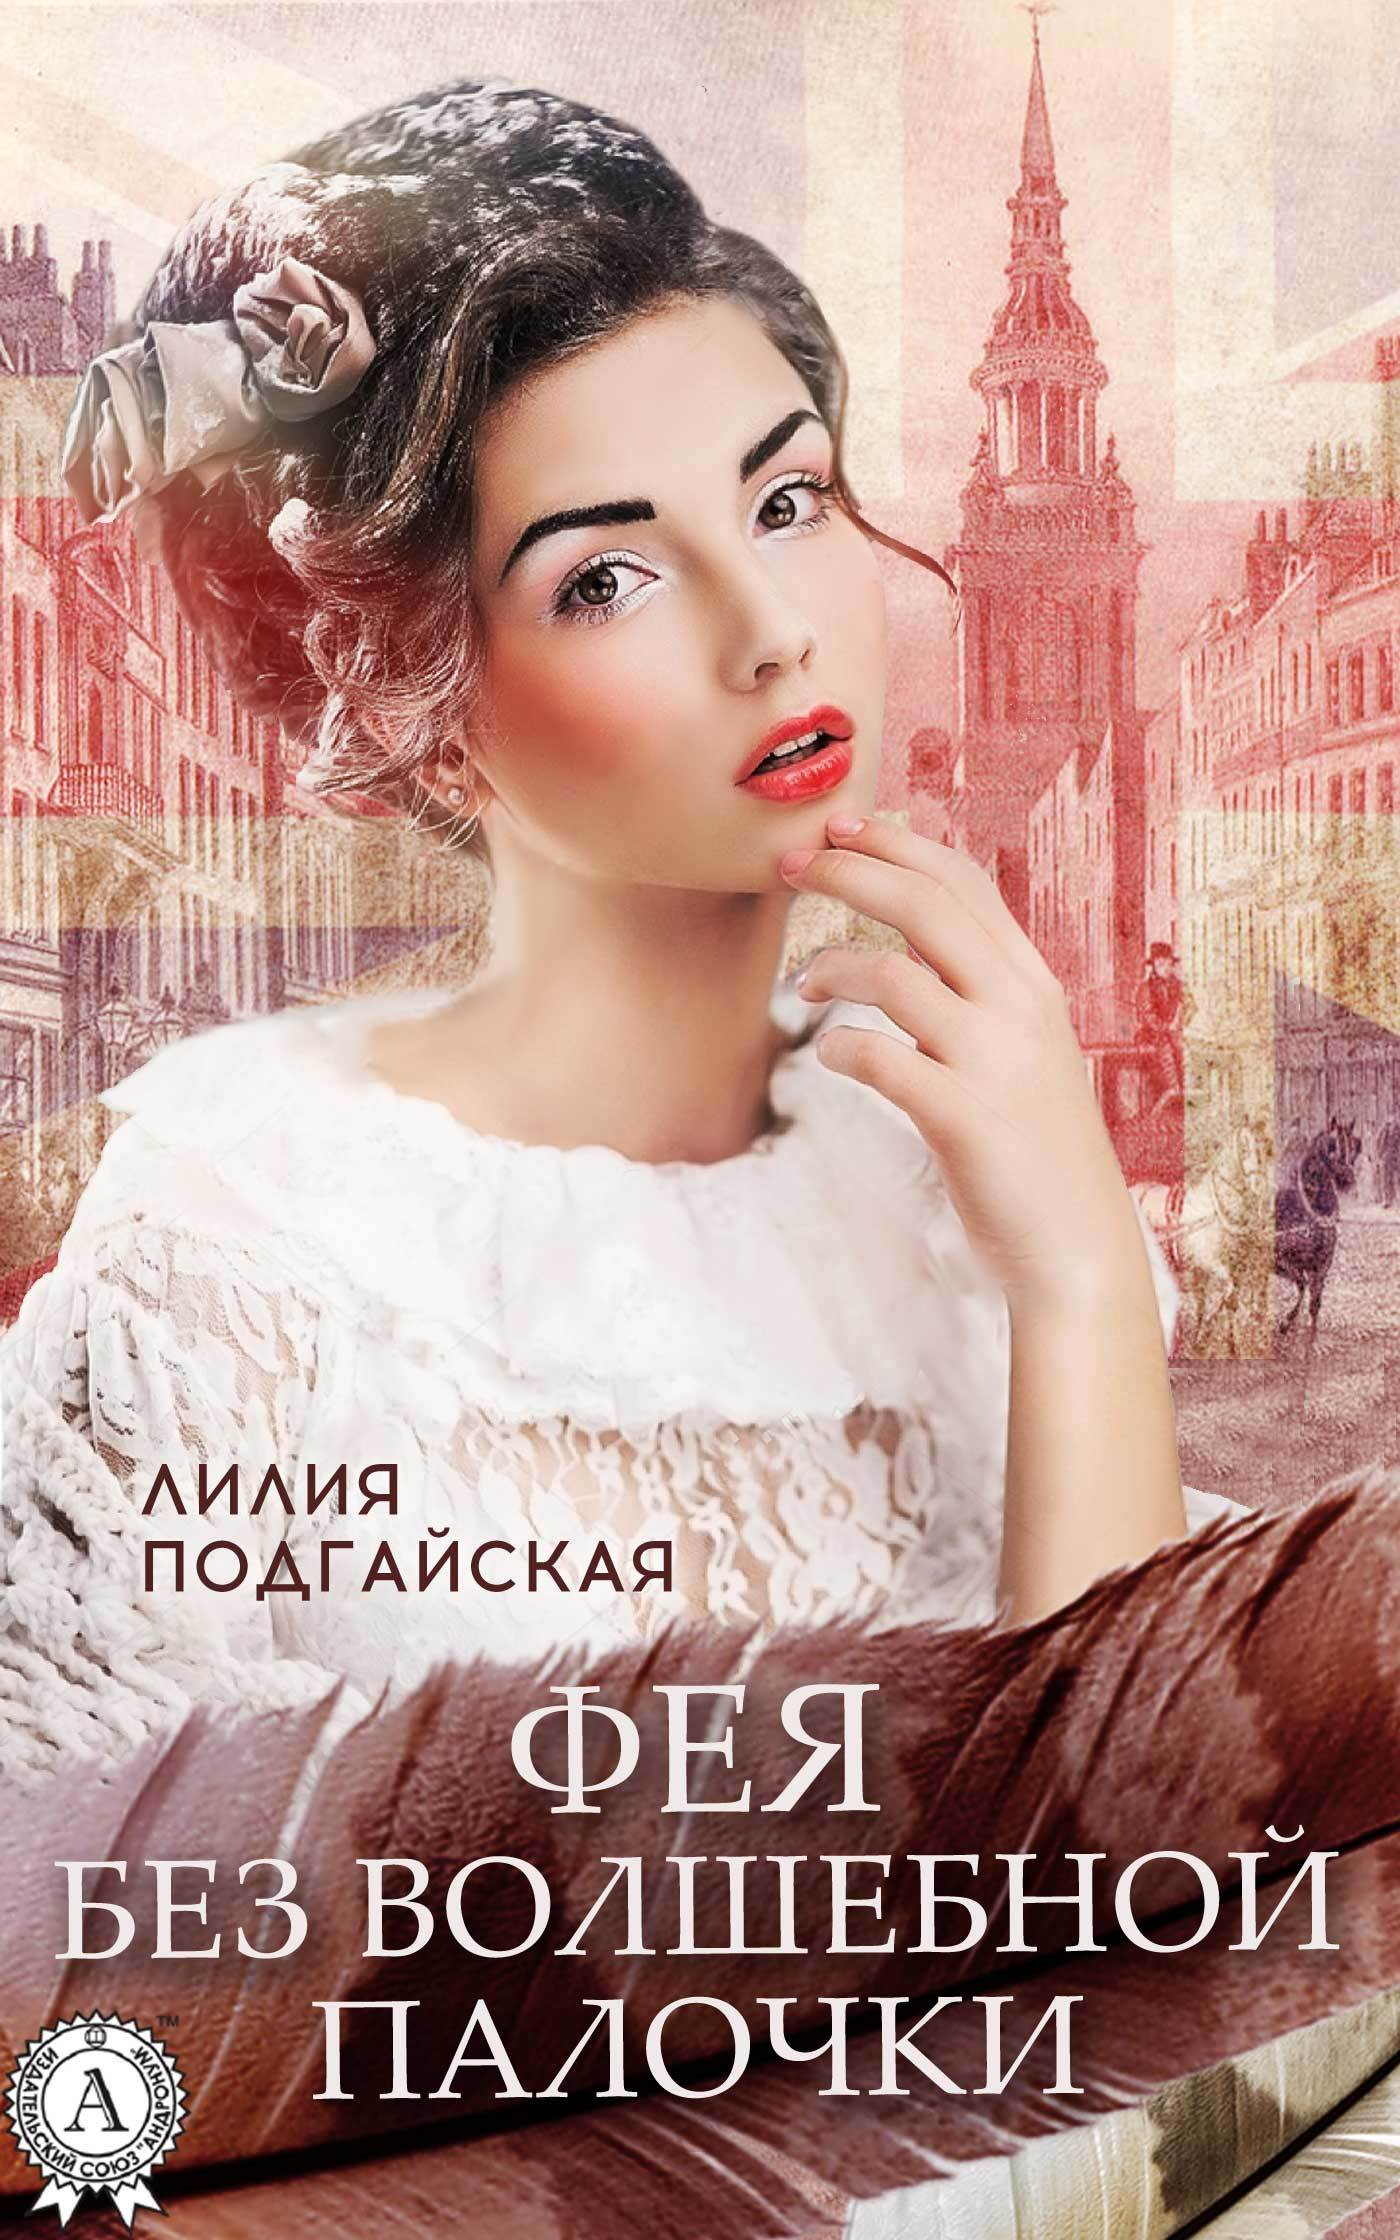 Лилия Подгайская - Фея без волшебной палочки